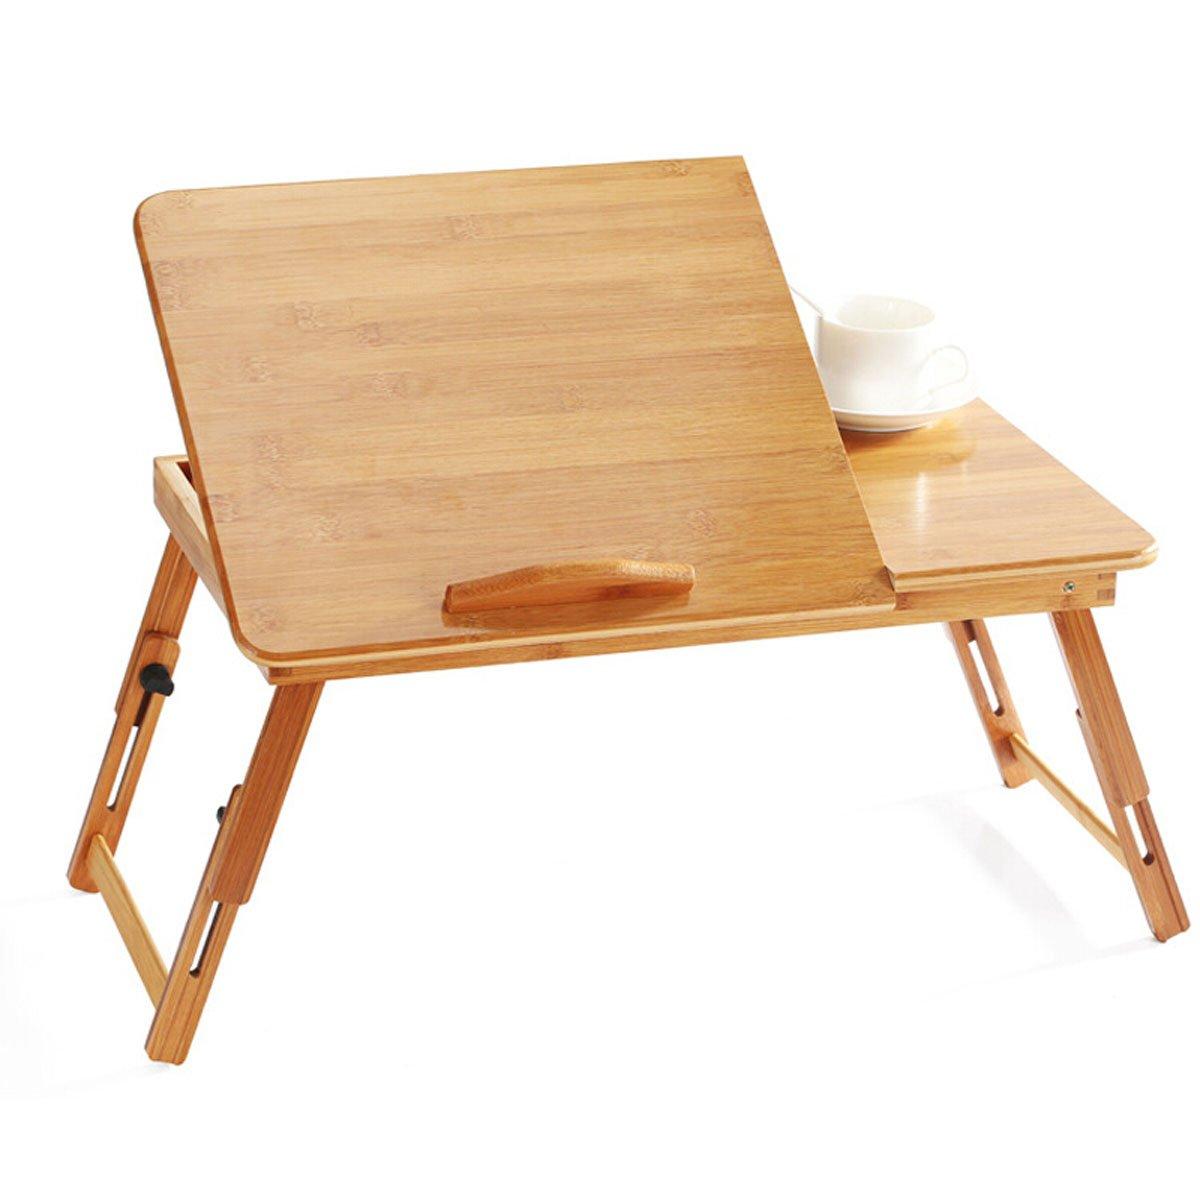 折りたたみ可能なコンピュータデスク、調節可能なポータブル竹ベッドソファラップトップスタンド引き出し付き朝食ベッド用トレイ66 * 30 * 30cm (サイズ さいず : 55cm) 55cm  B07L2N647W